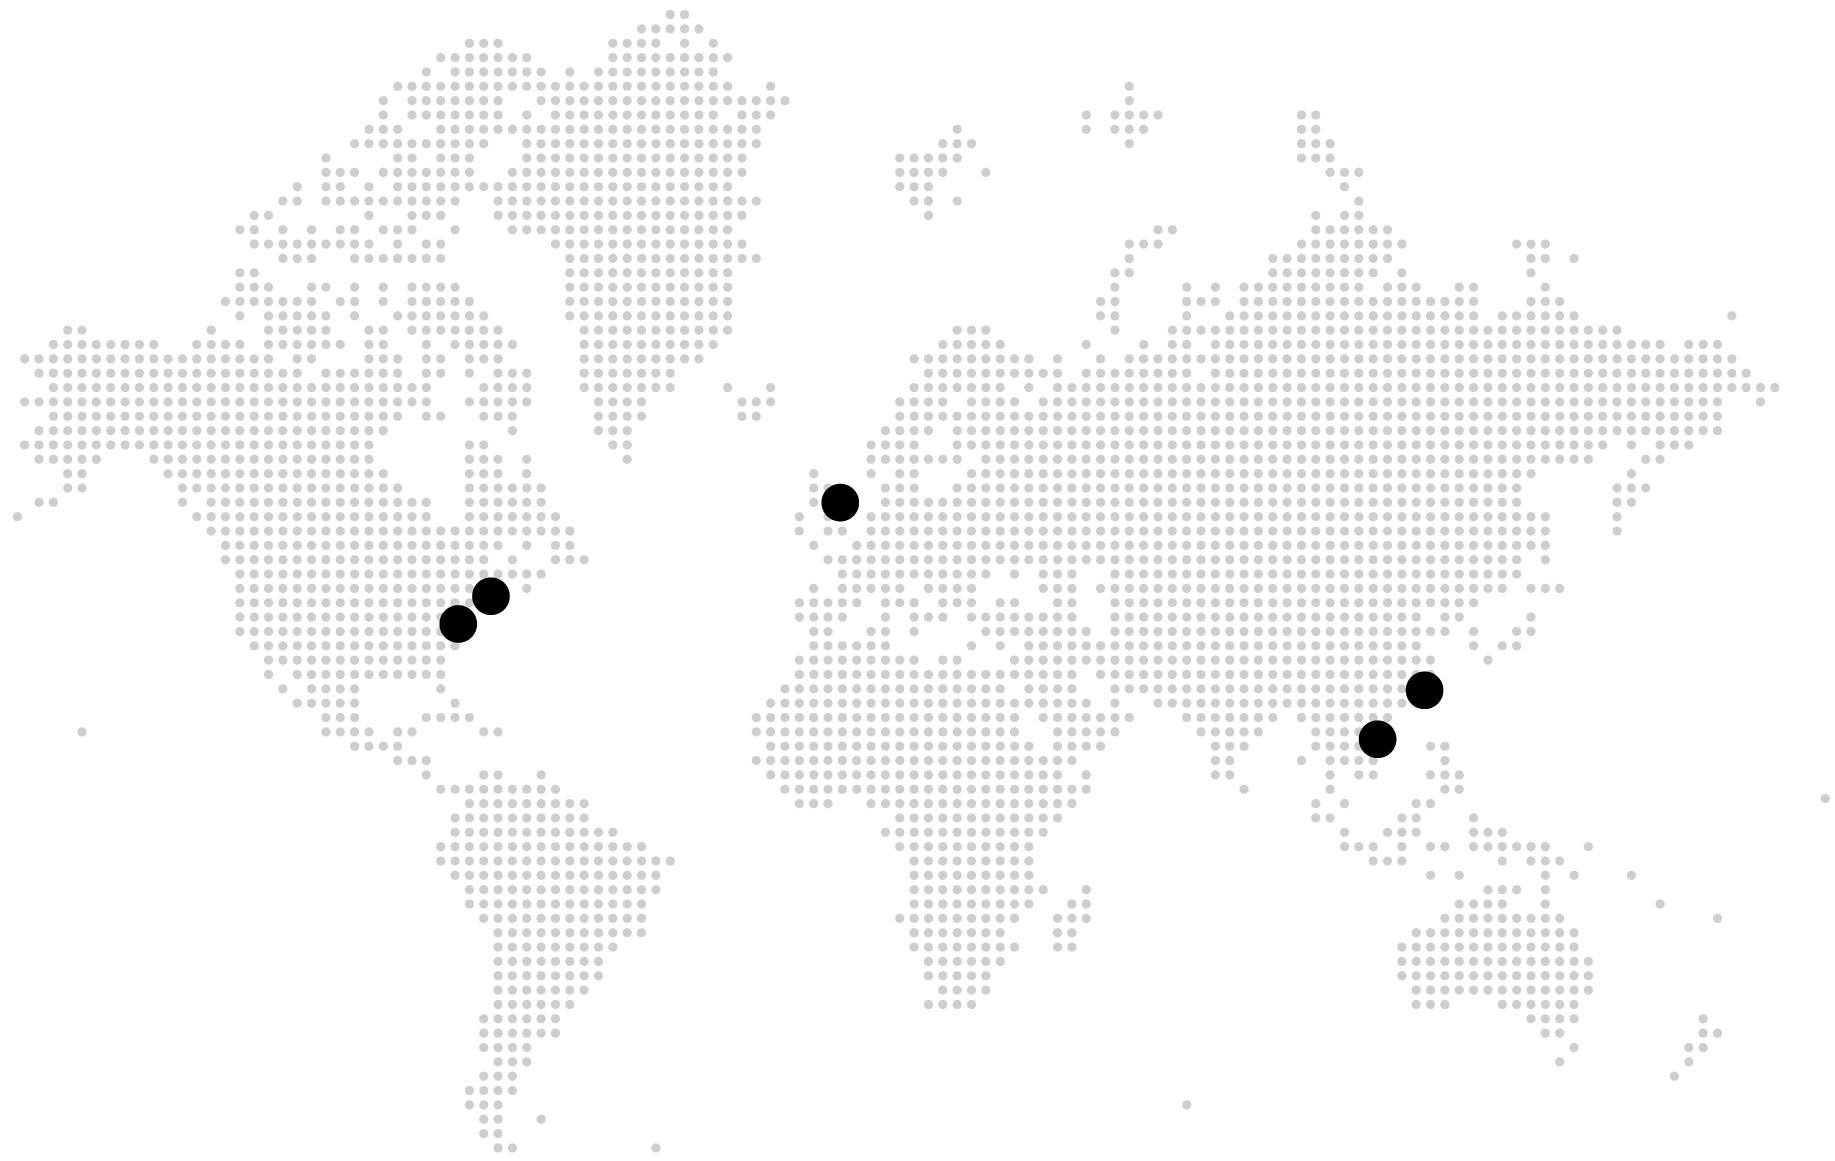 Prophet_Map_DesignStudios-02.jpg